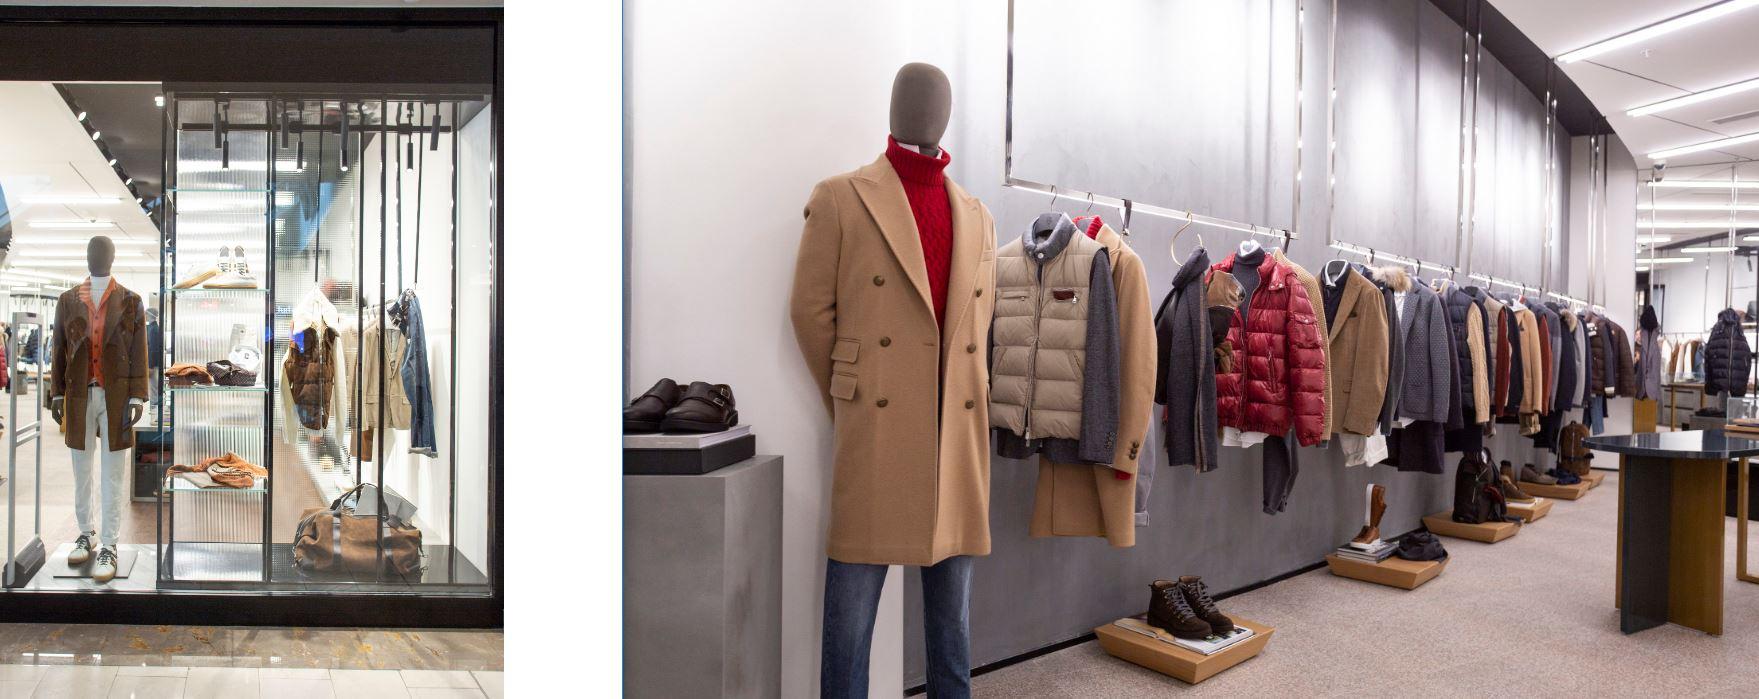 Acquista Vendite Calde 2019 New Fashion TMT Felpa Con Cappuccio Stampato Maschi Felpa Con Cappuccio Cardigan Felpa Con Cappuccio Uomo Top Cothing Con